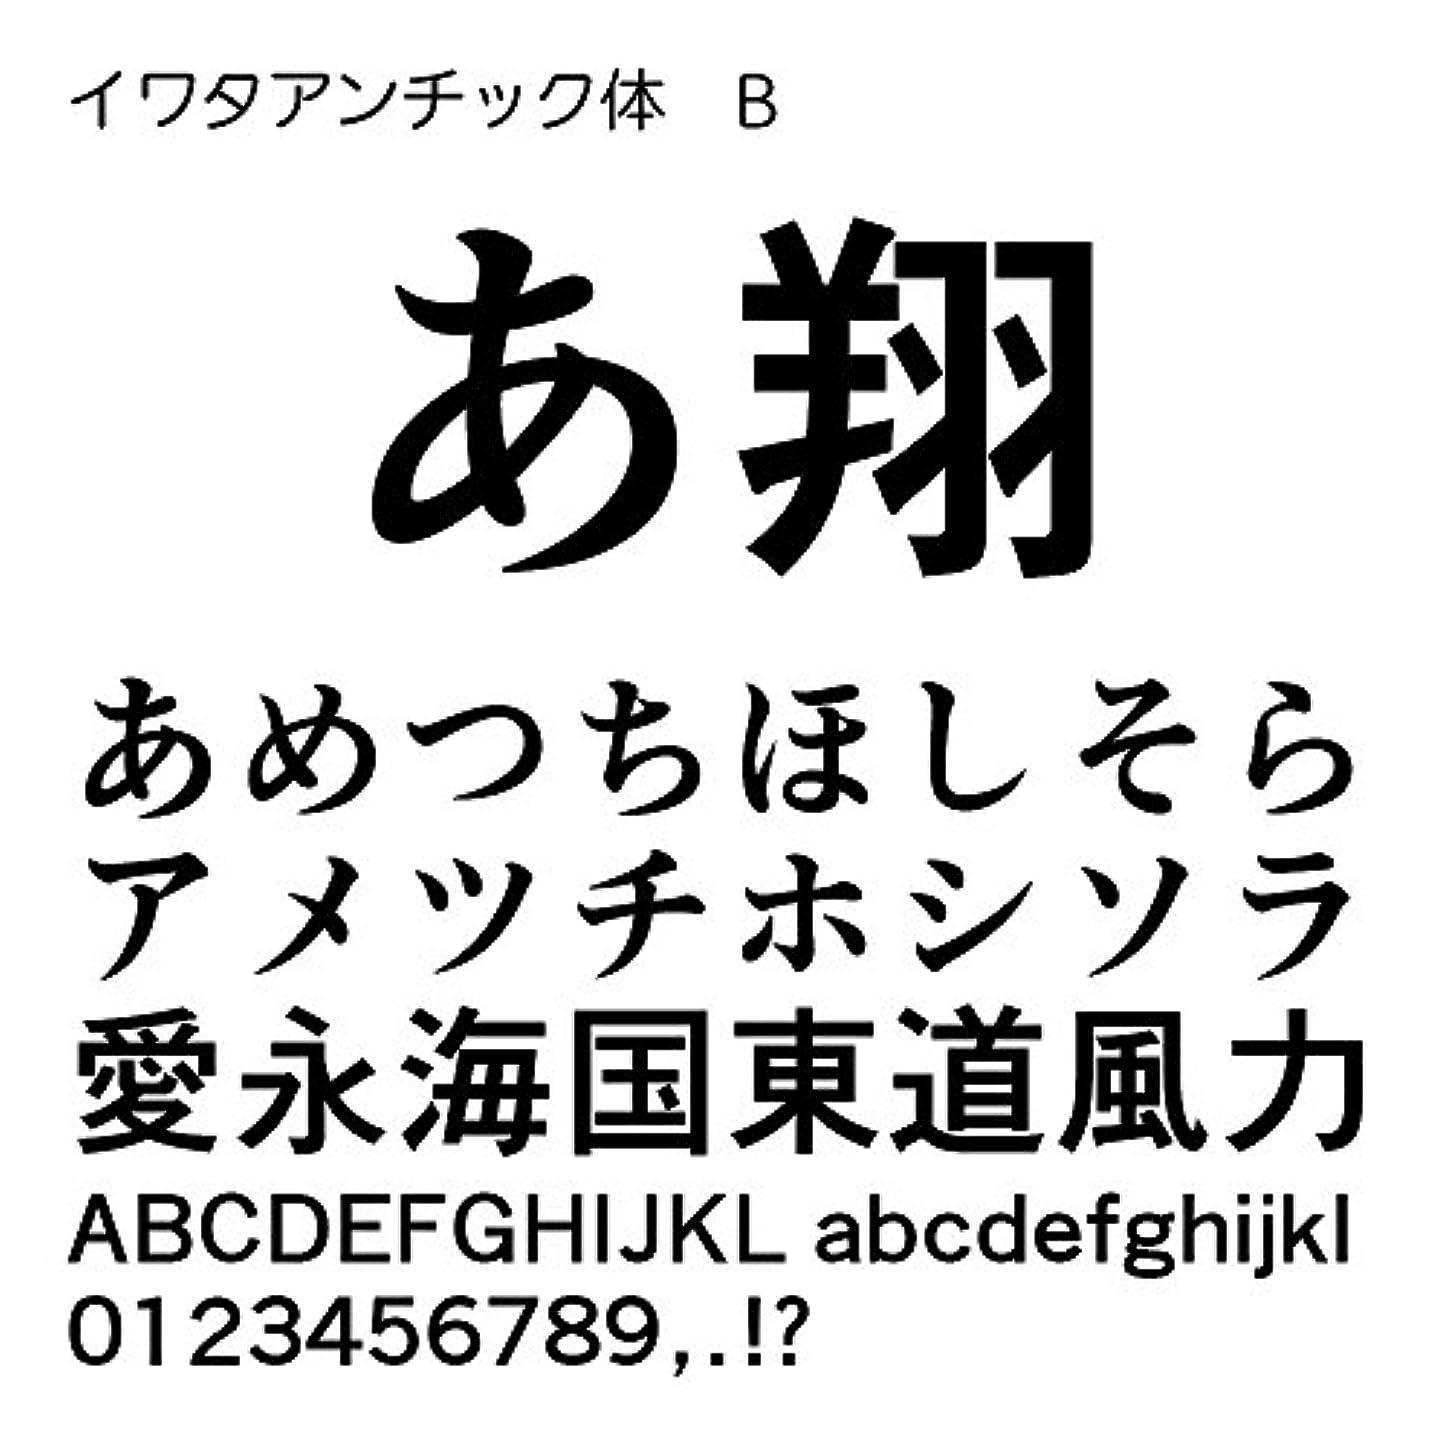 ビットグリル親イワタアンチック体B TrueType Font for Windows [ダウンロード]